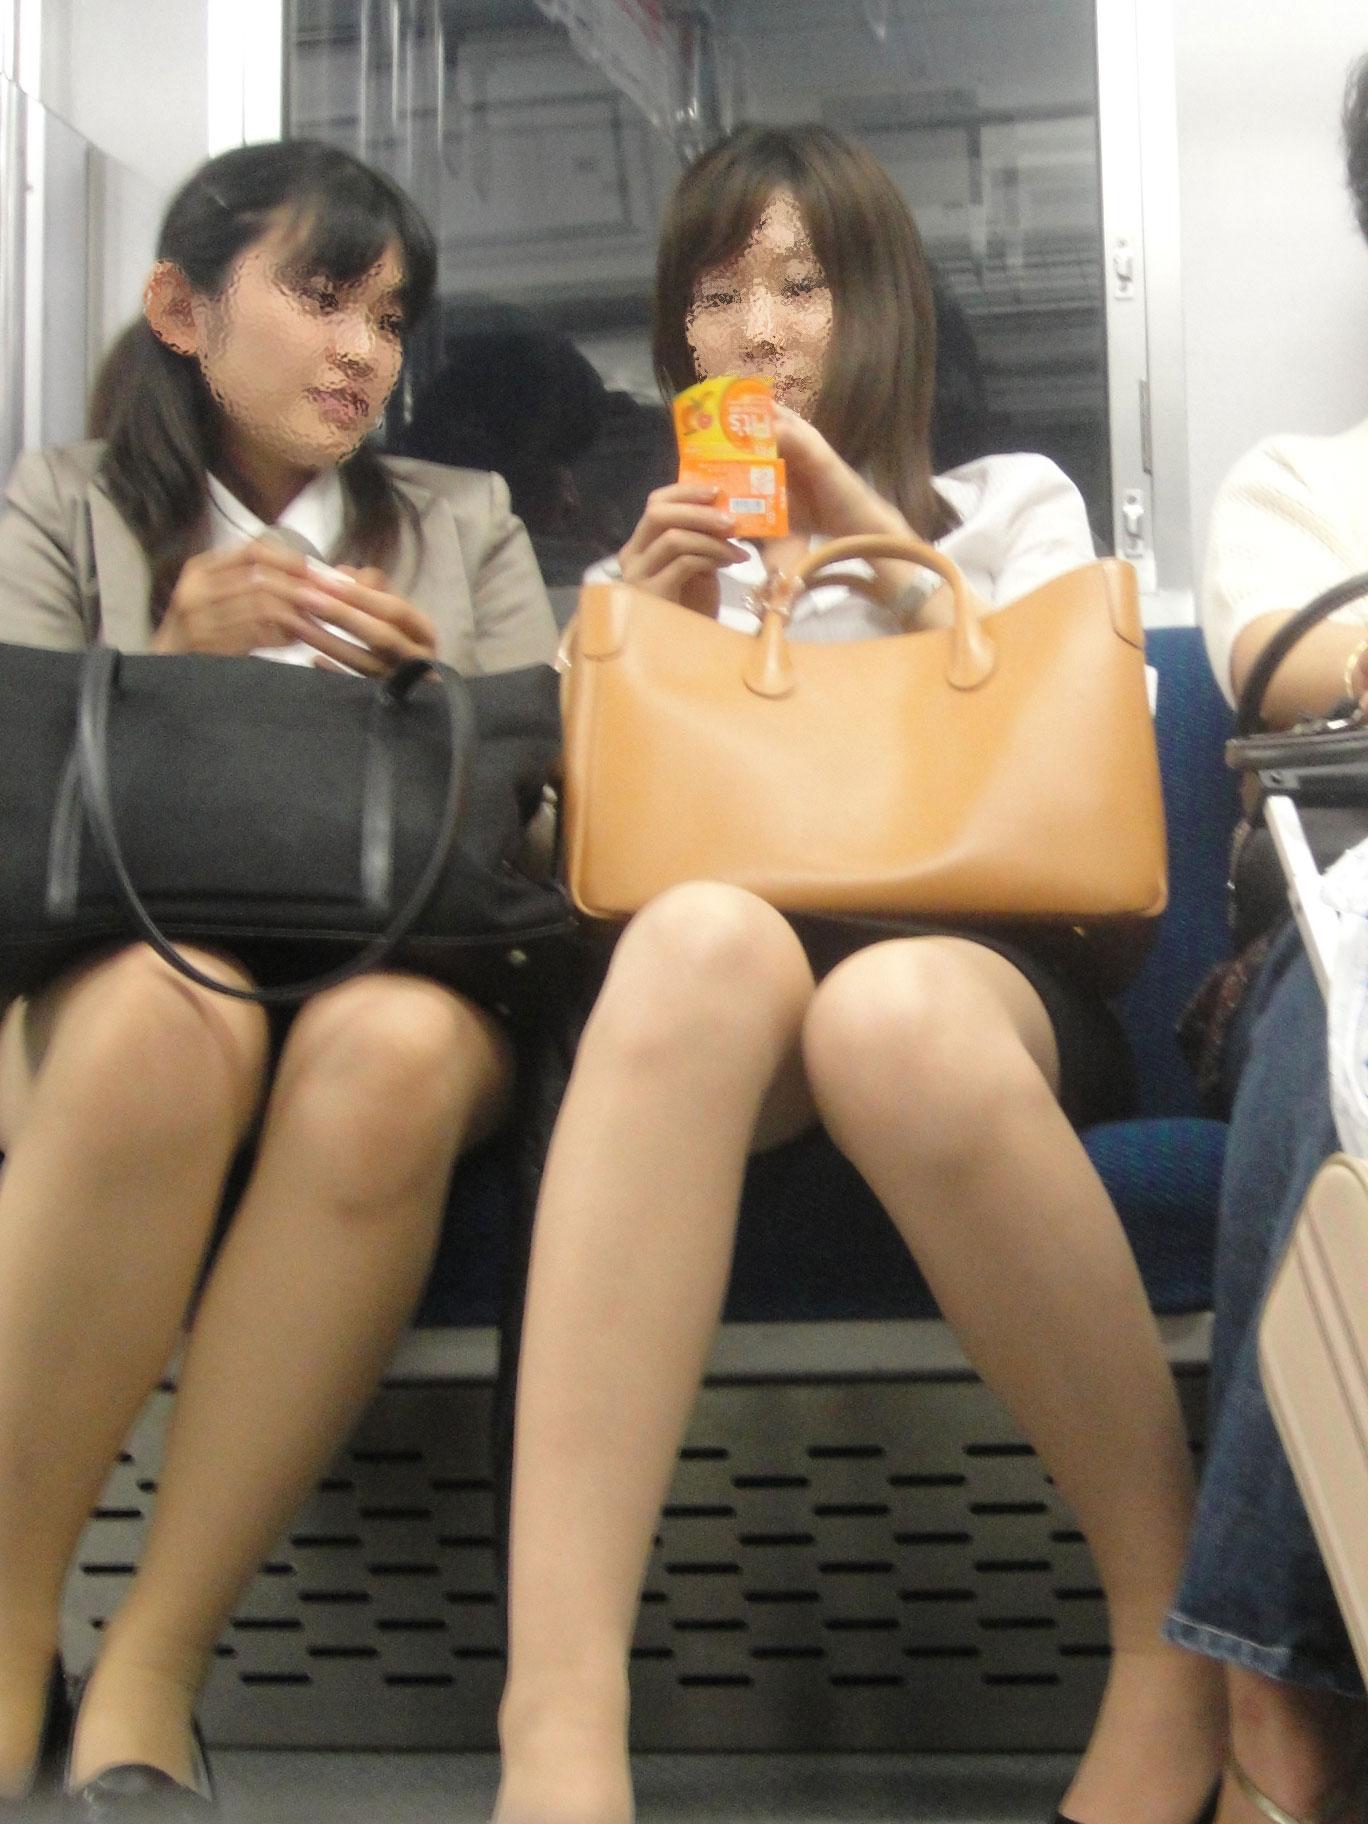 【電車内エロ画像】対面座席に居る非常にけしからん美脚…あわよくばパンチラもwww 05